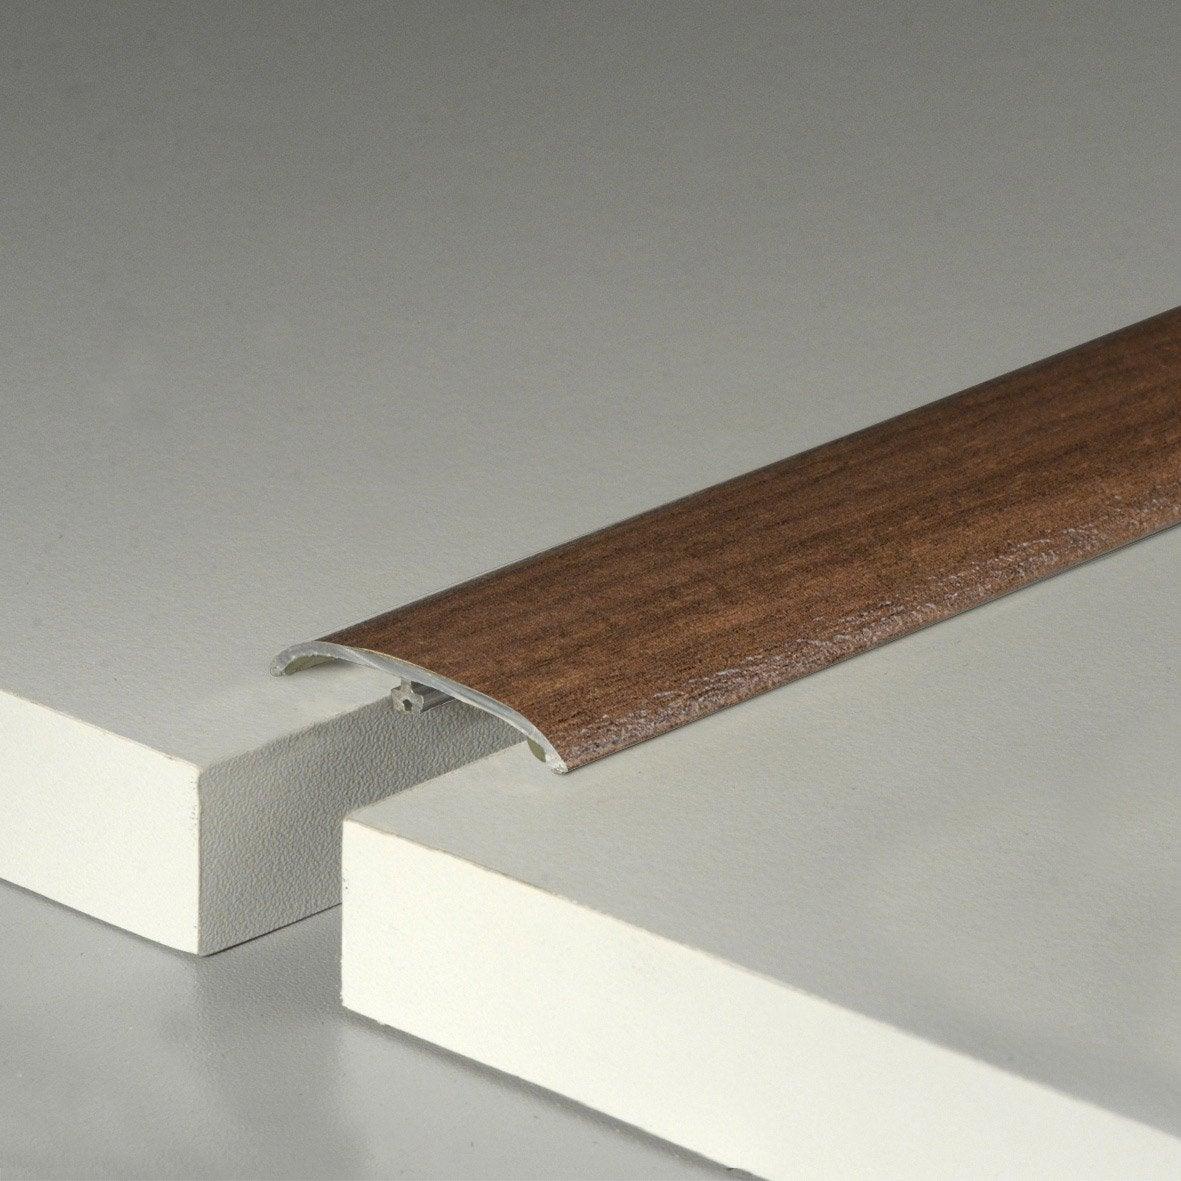 parquet chataignier leroy merlin voir duautres produits. Black Bedroom Furniture Sets. Home Design Ideas